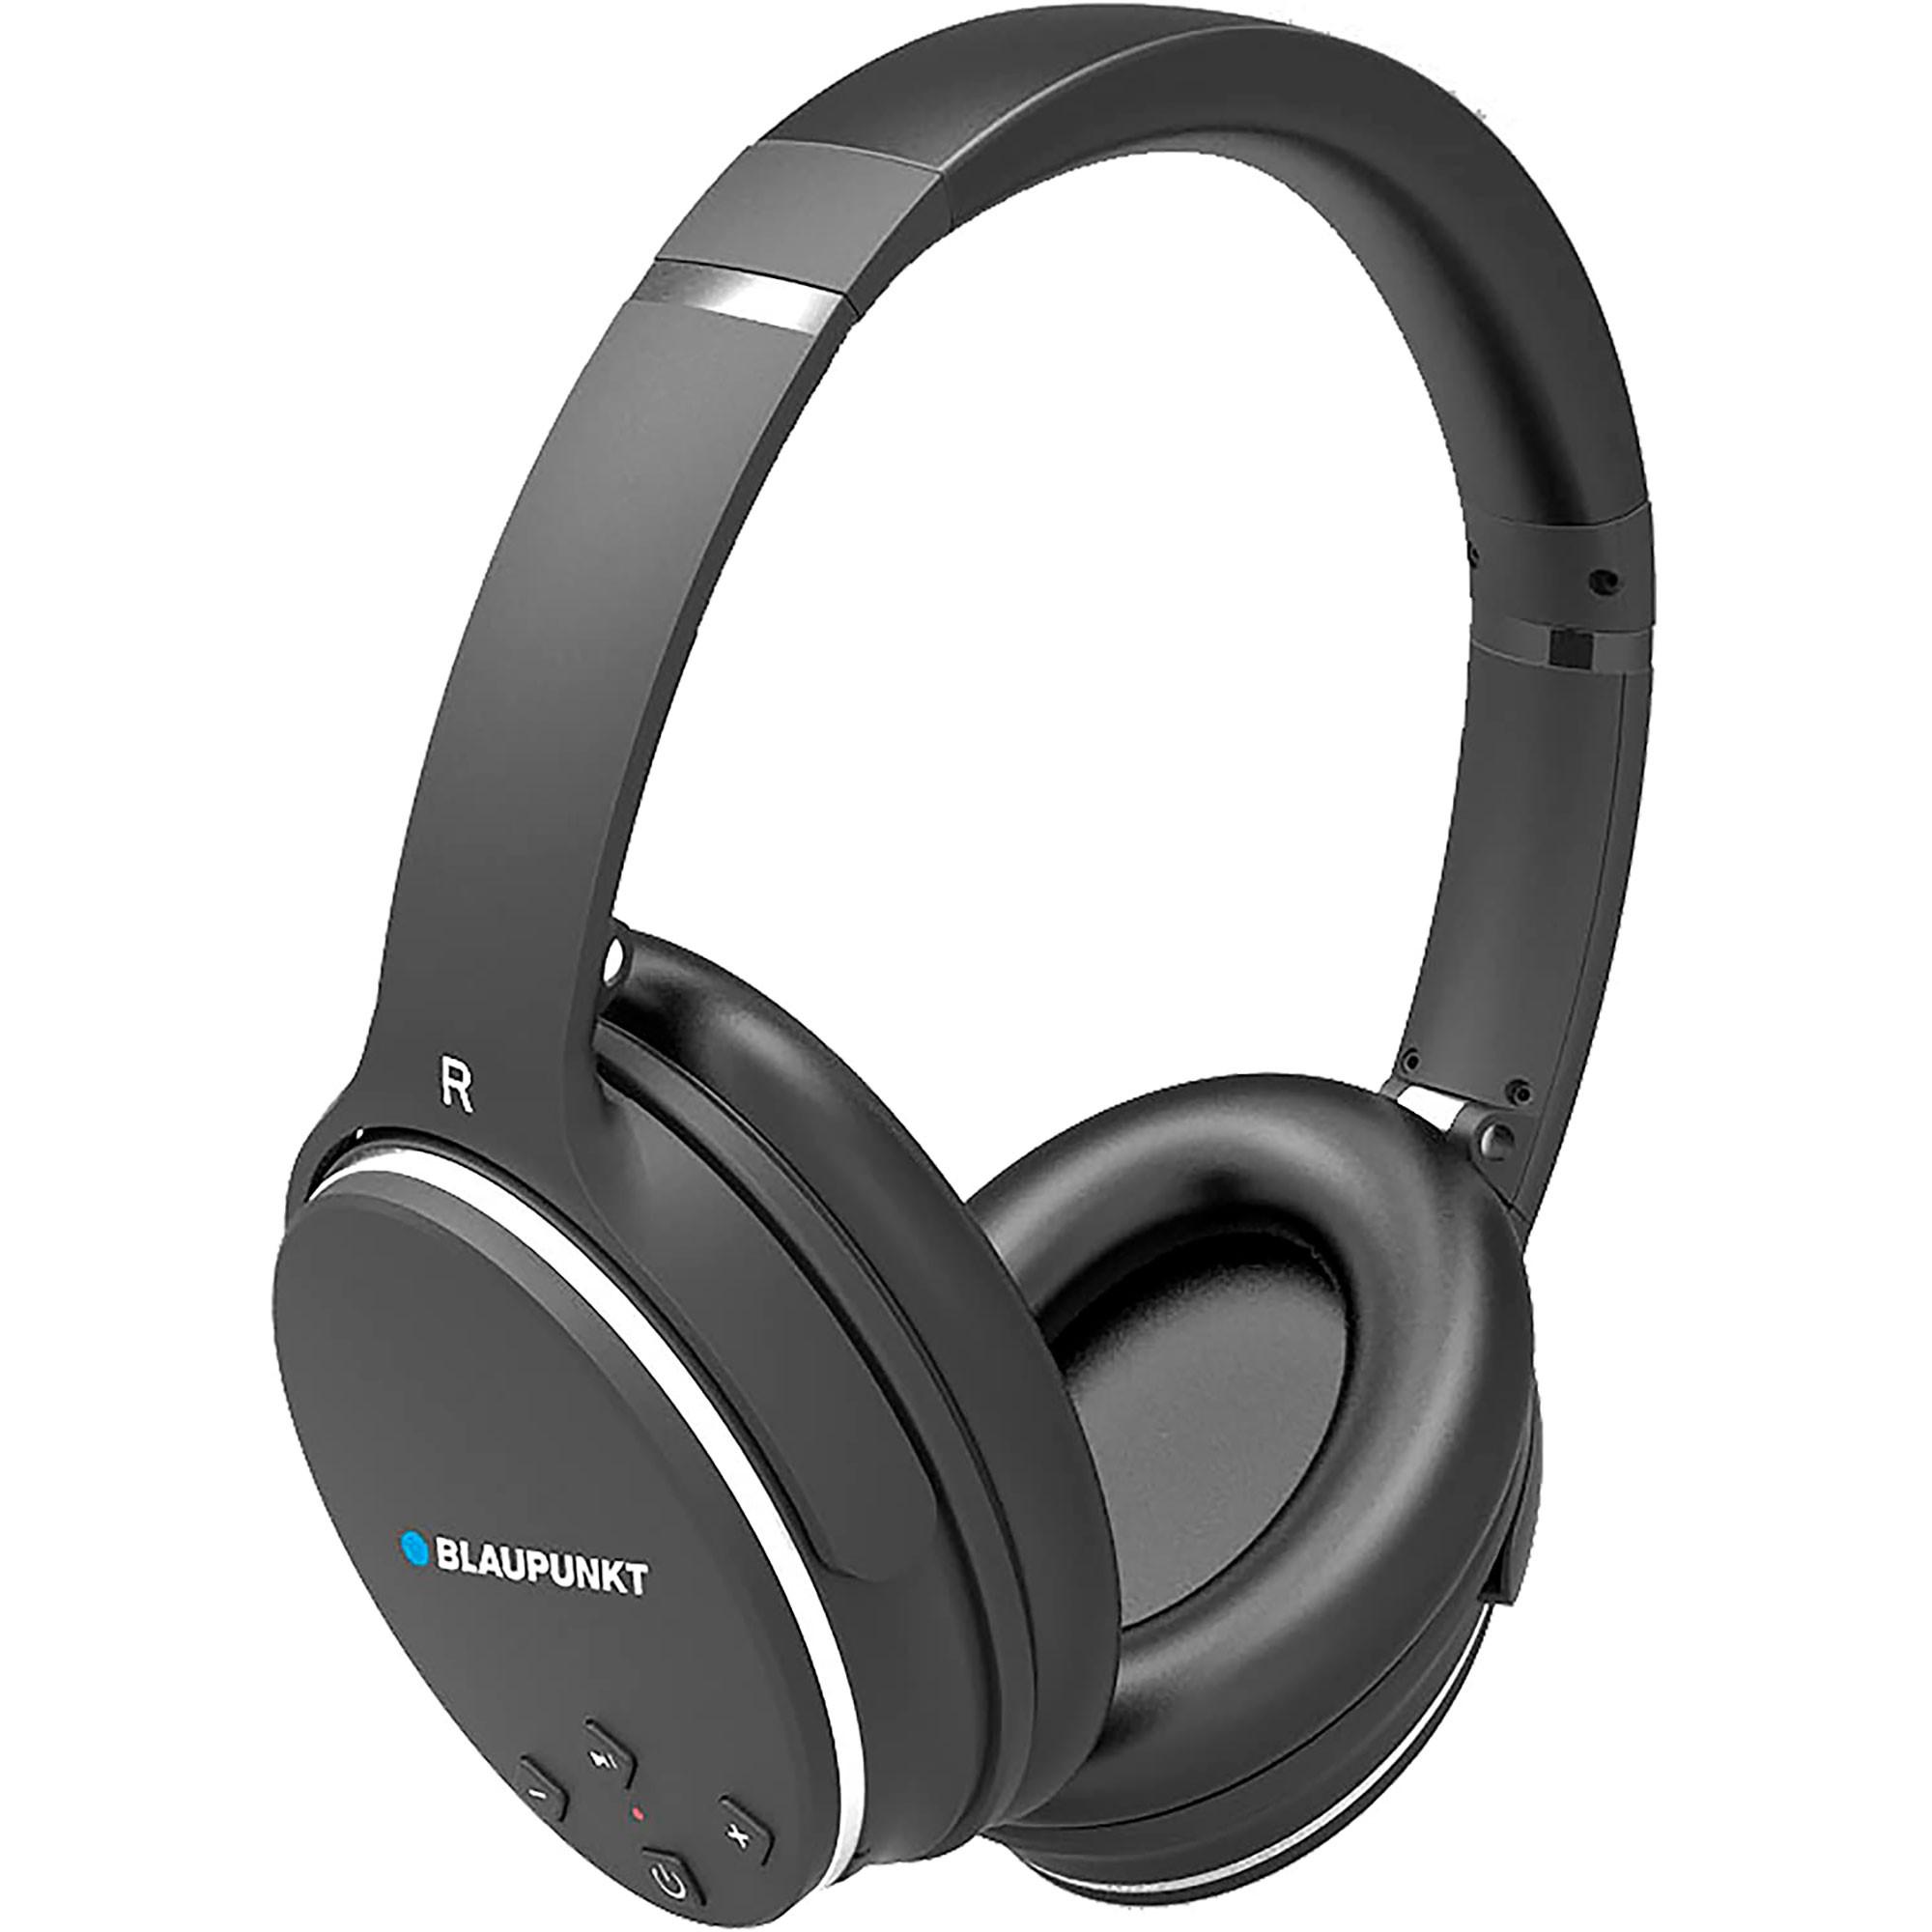 Blaupunkt BLP4400 Auriculares Bluetooth Inalámbricos de Diadema con Micrófono, Supresión de Ruidos, 9 horas de Autonomía, Negro